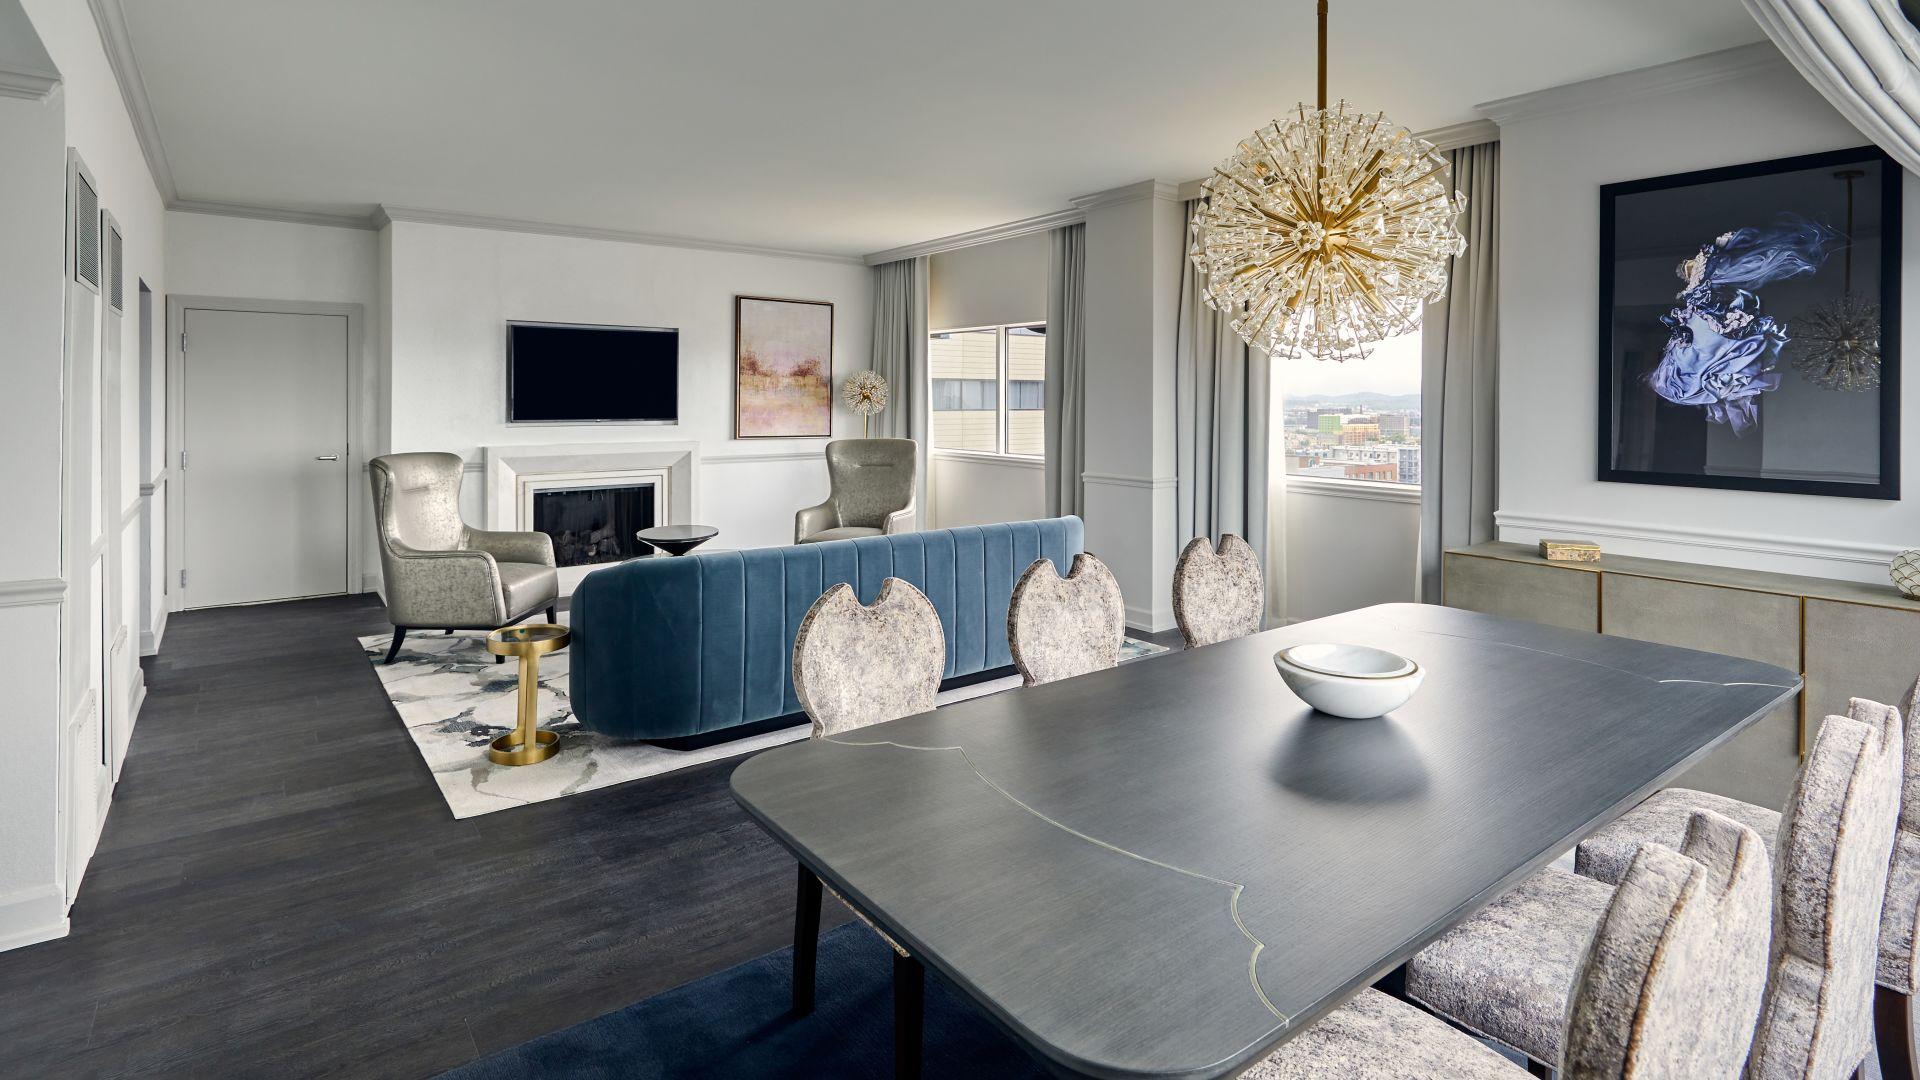 Habitación llena de muebles